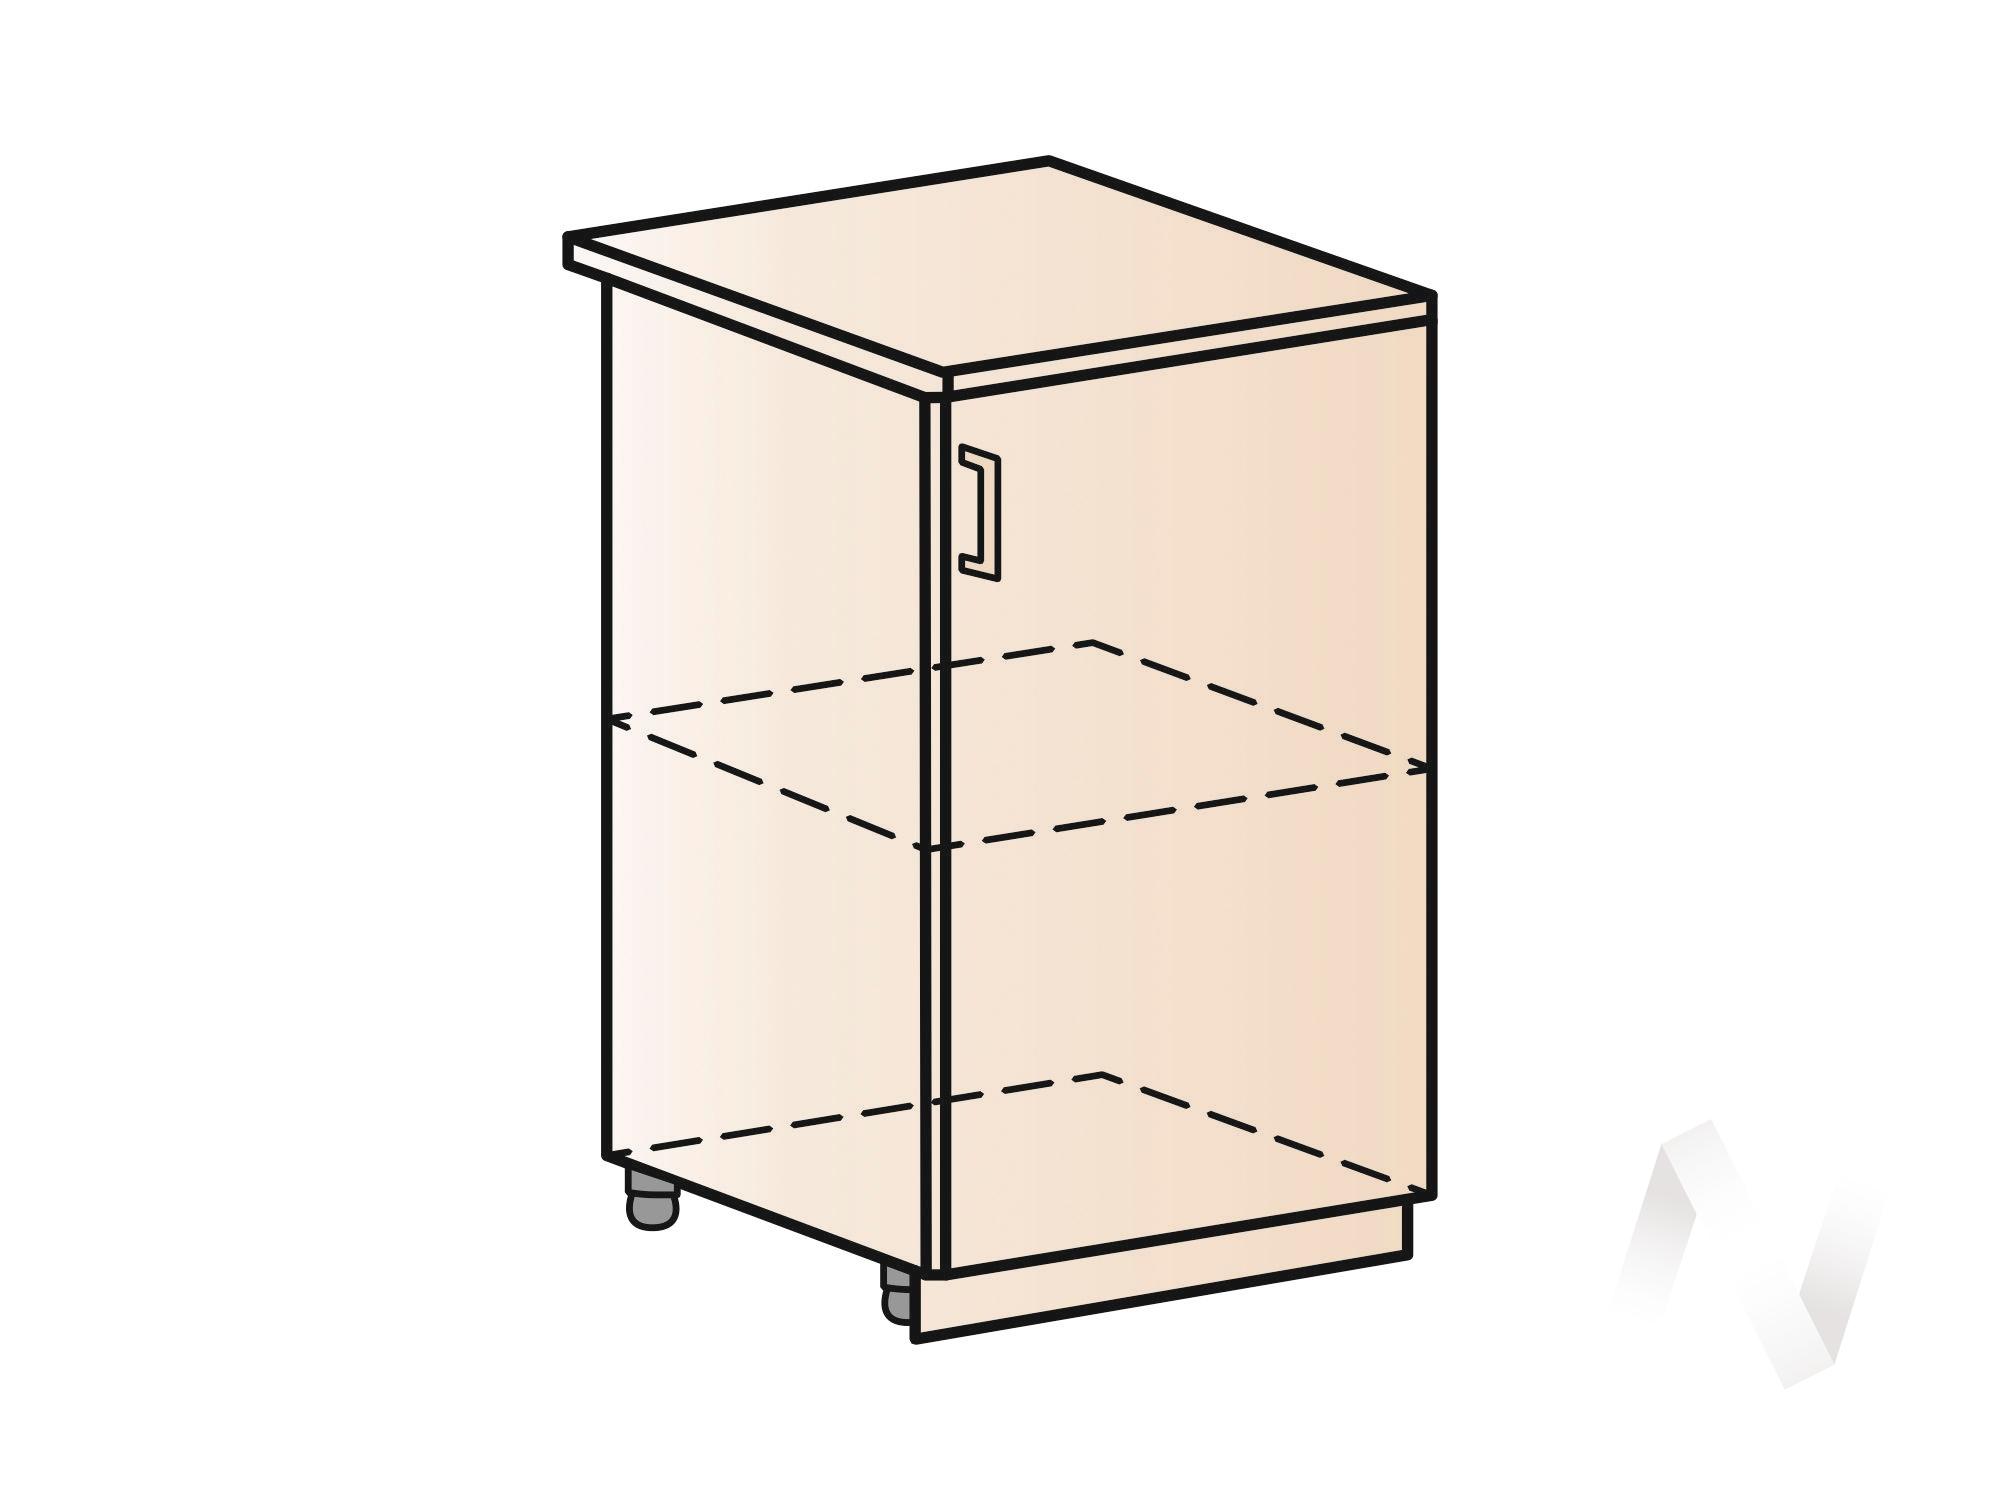 """Купить кухня """"вена"""": шкаф нижний 500, шн 500 (корпус белый) в Новосибирске в интернет-магазине Мебель плюс Техника"""